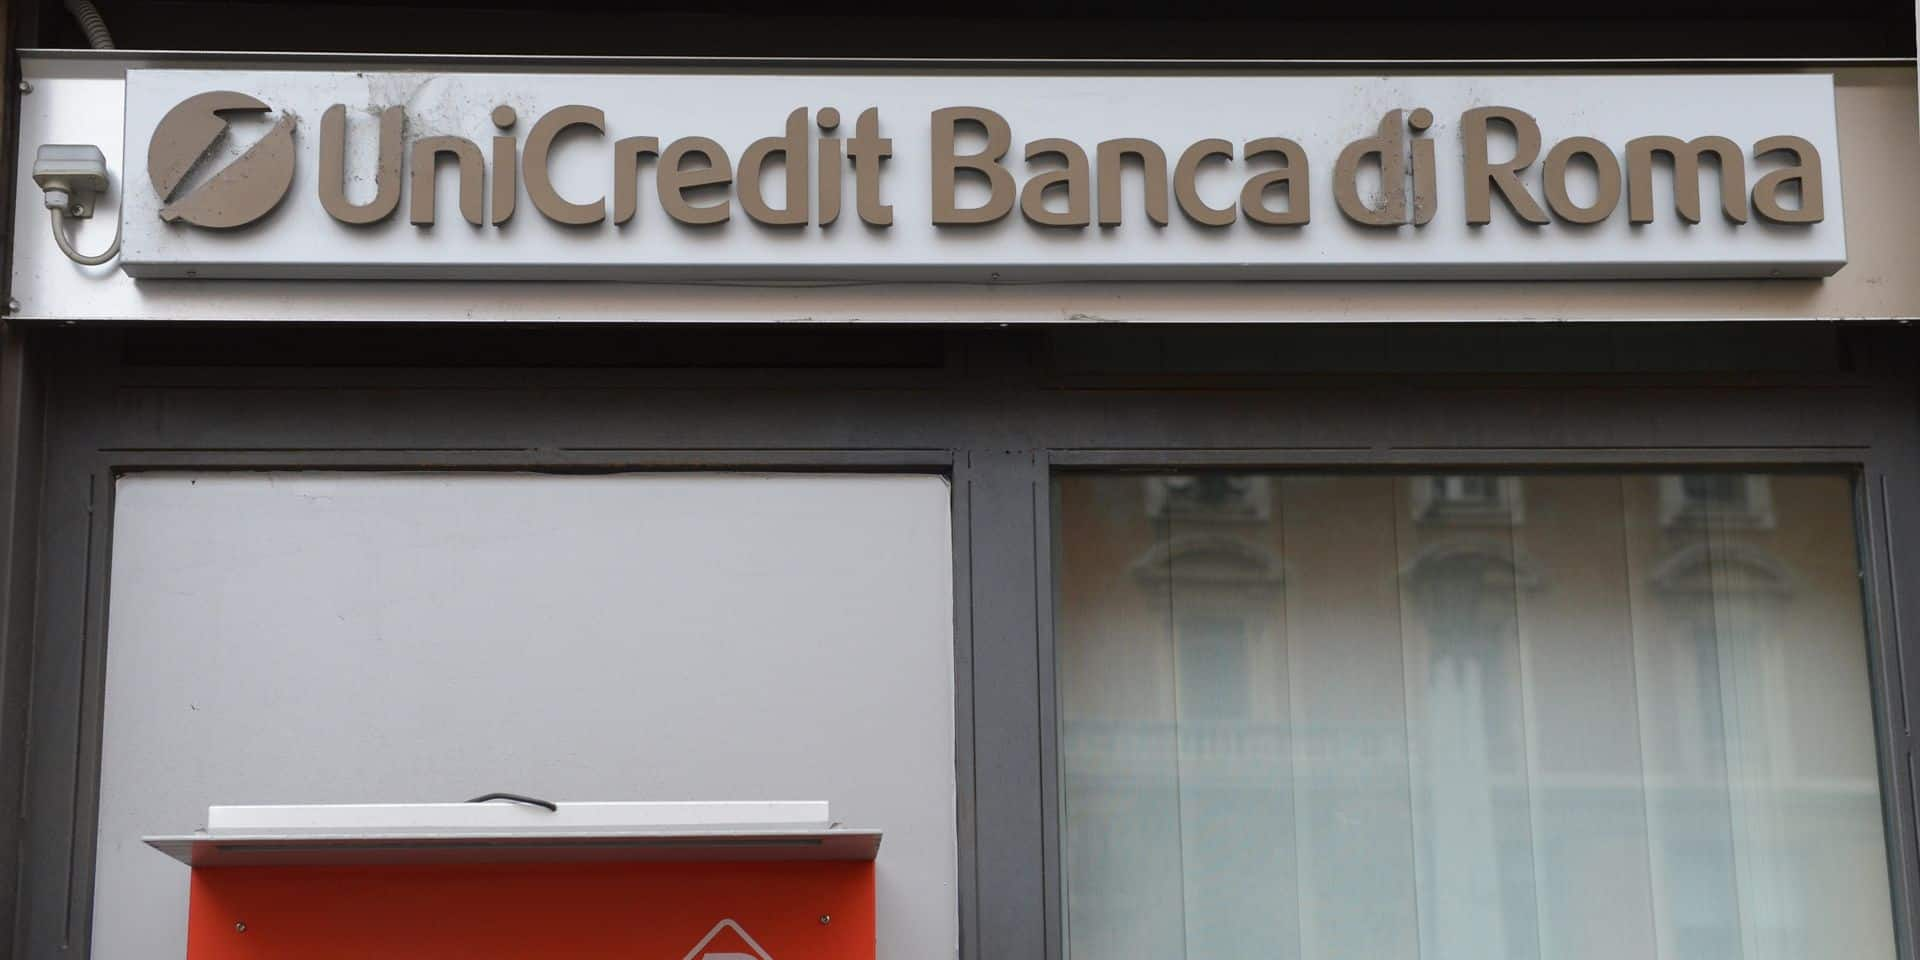 Unicredit va répercuter l'impact des taux négatif en taxant les dépôts bancaires de plus de 100.000 euros